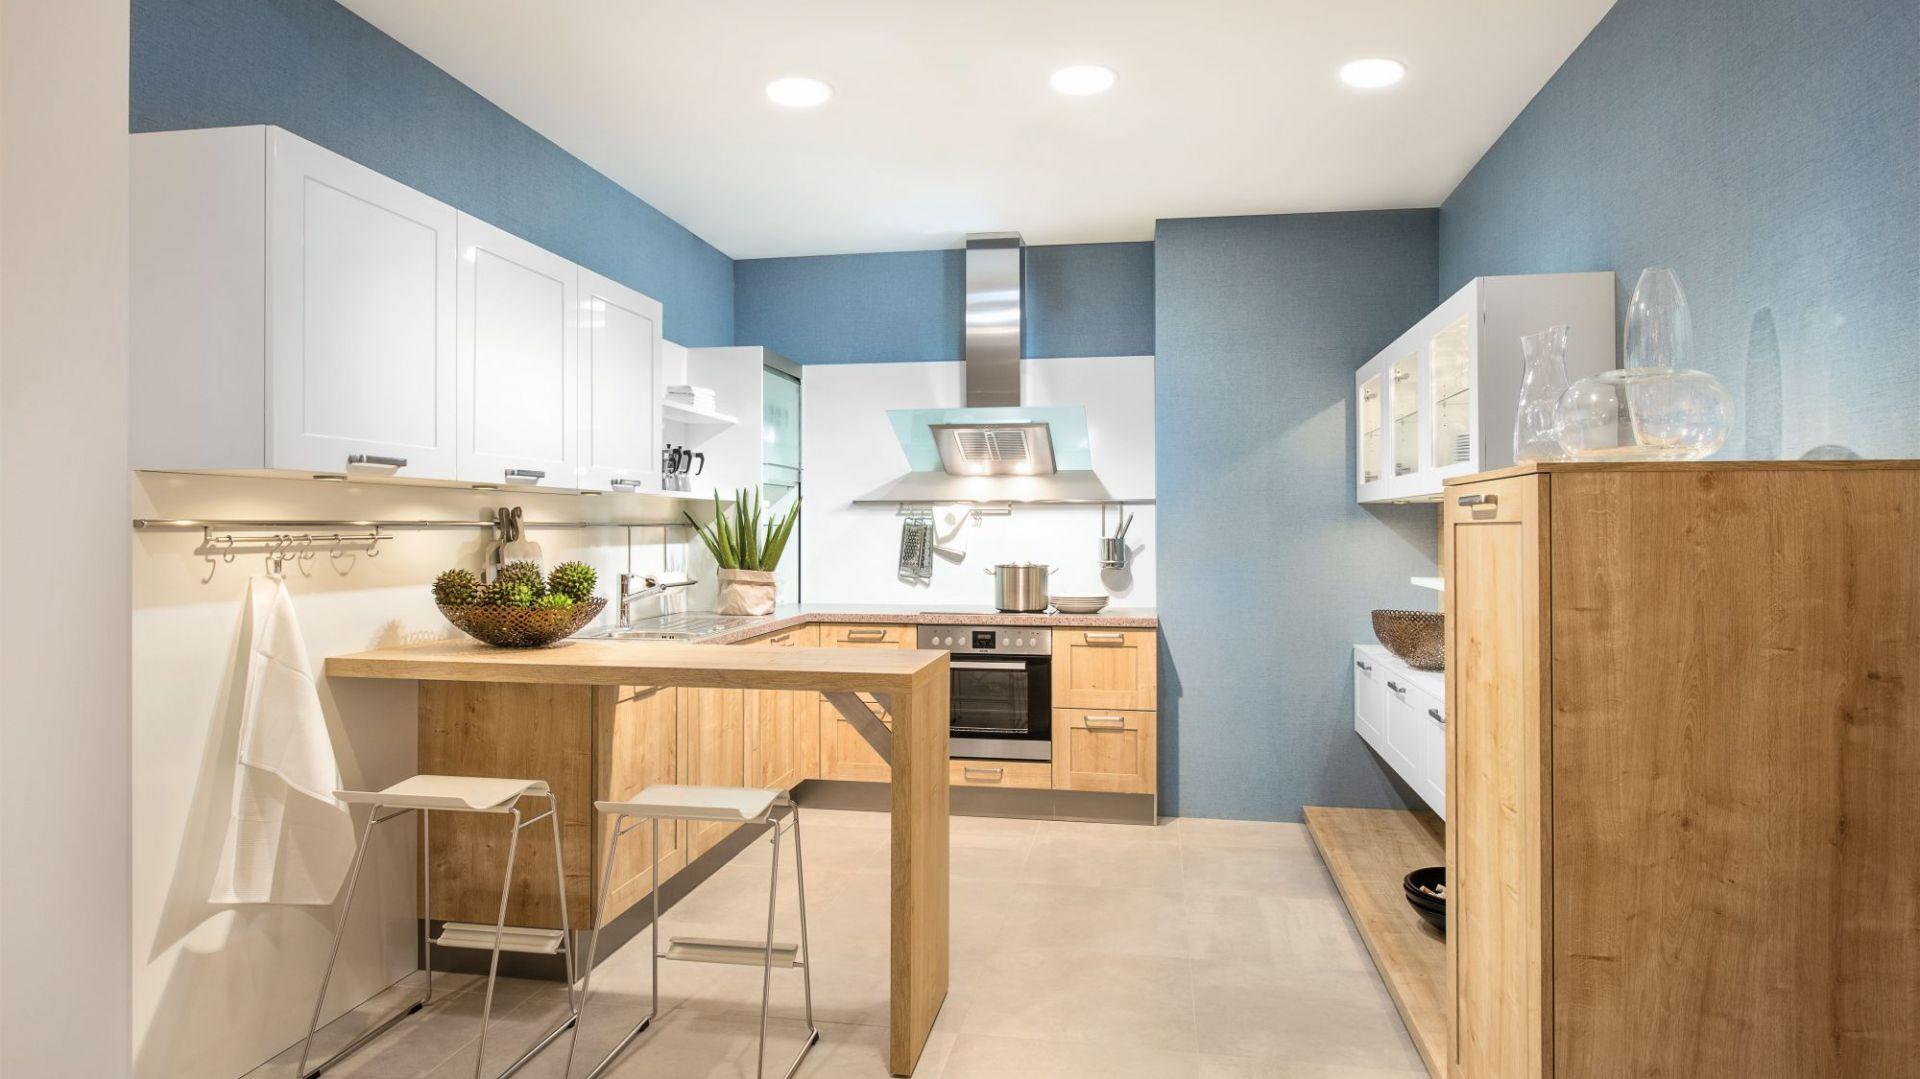 Drewniane szafki dolne znakomicie ocieplają surową w wyglądzie biało-niebieską aranżację i jasną zabudowę kuchni. Fot. Max Kuchnie